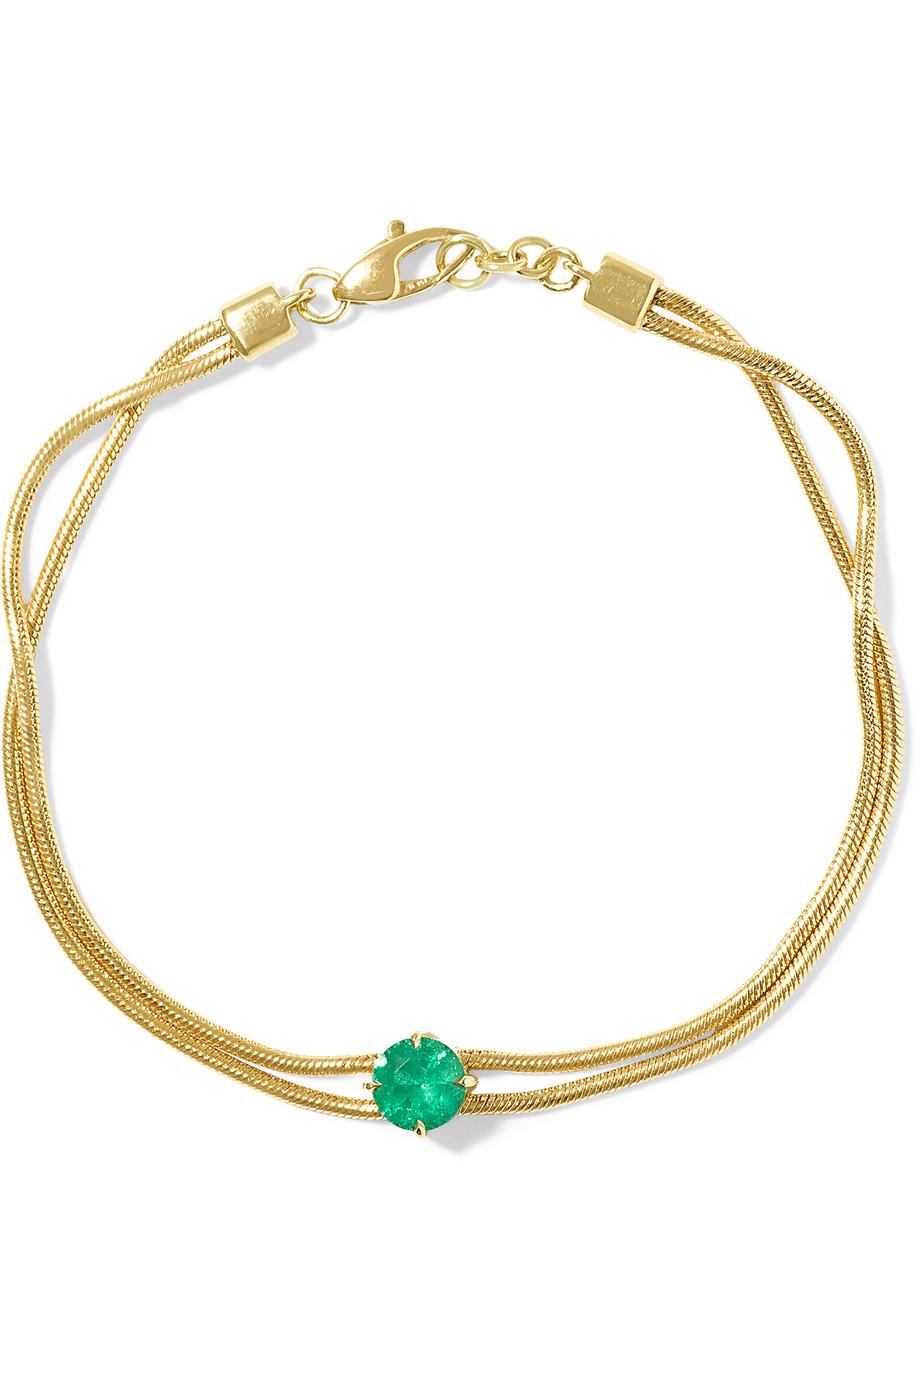 Jemma Wynne Revival 18-Karat Gold Emerald Bracelet, Emerald/Gold, Women's